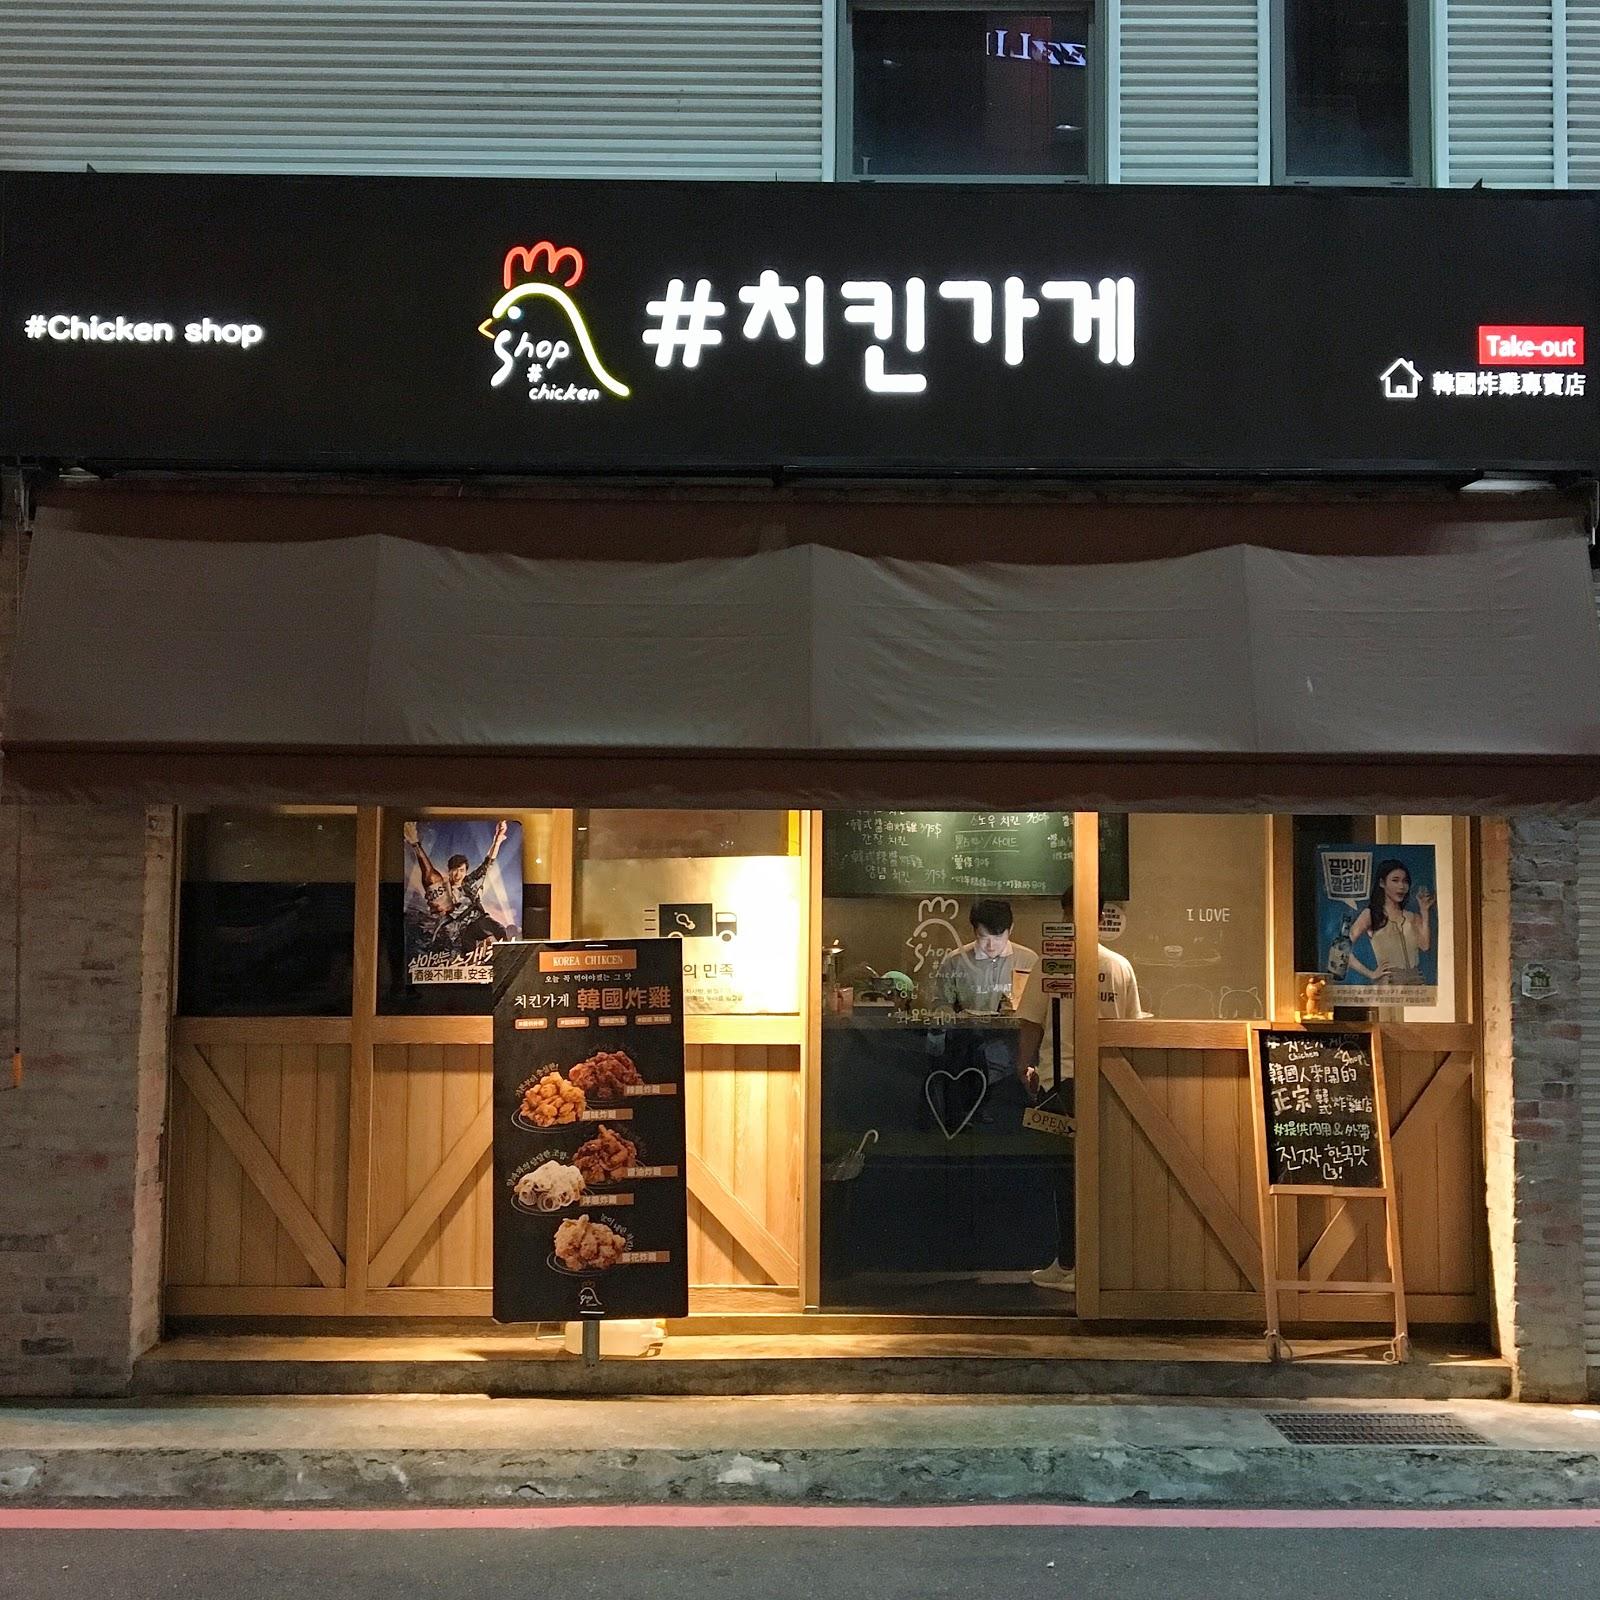 台南中西區美食 Chicken shop 韓國炸雞專賣店店面照片